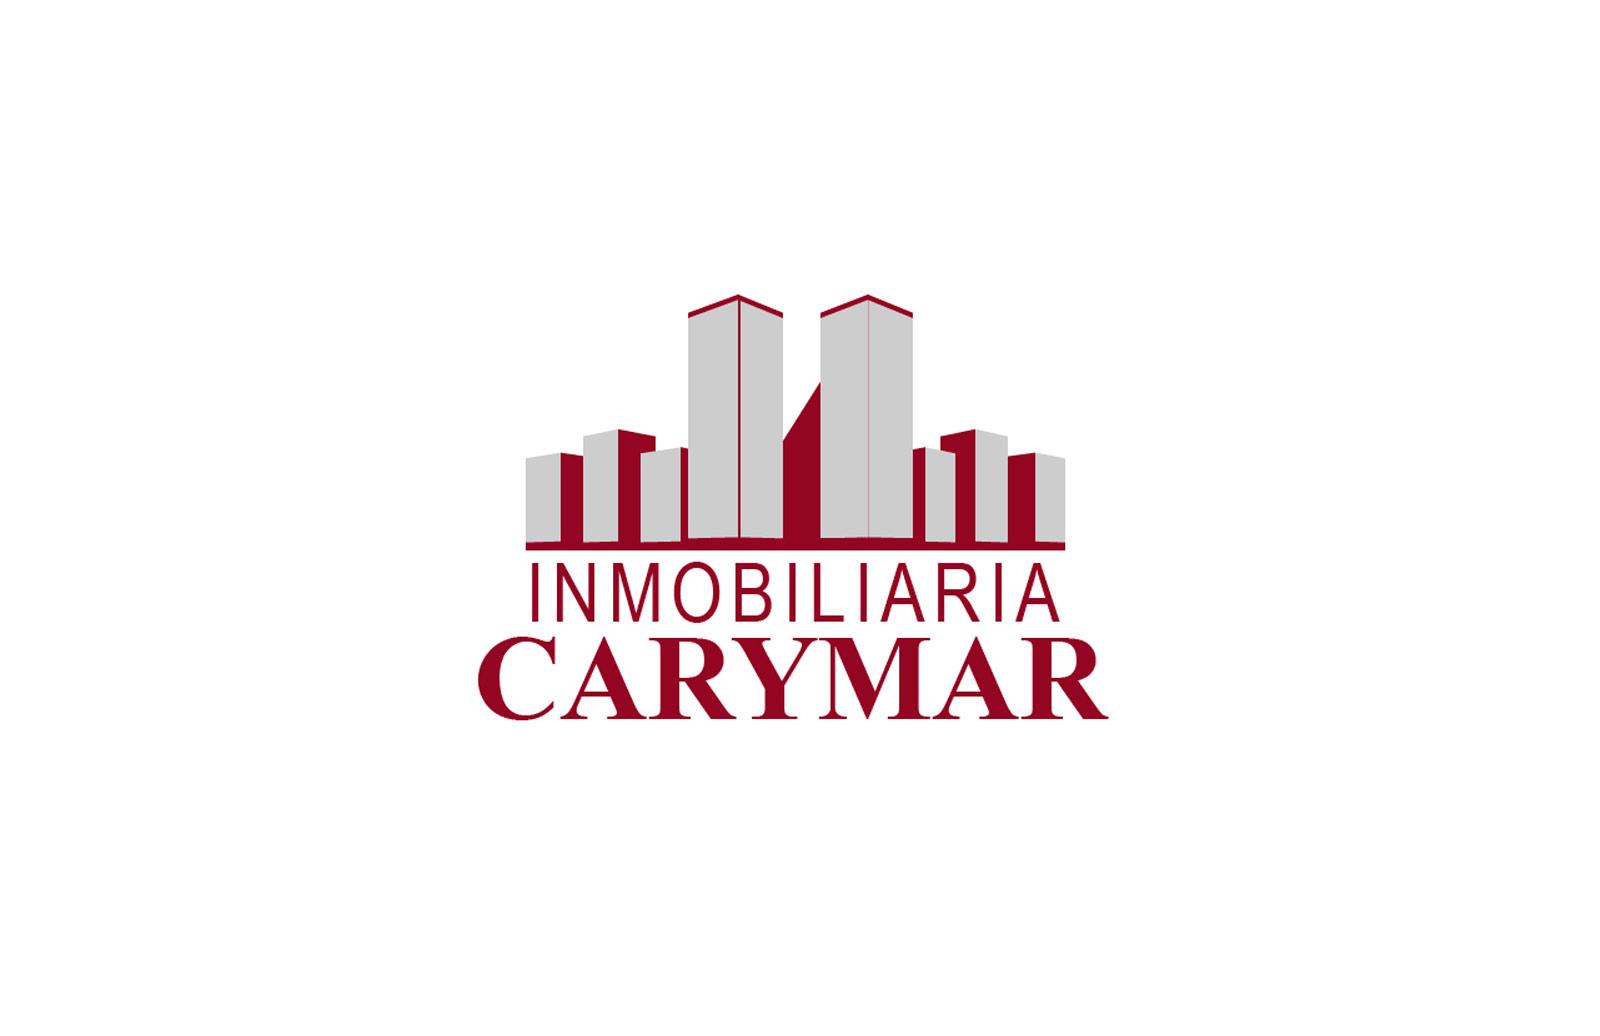 Carymar